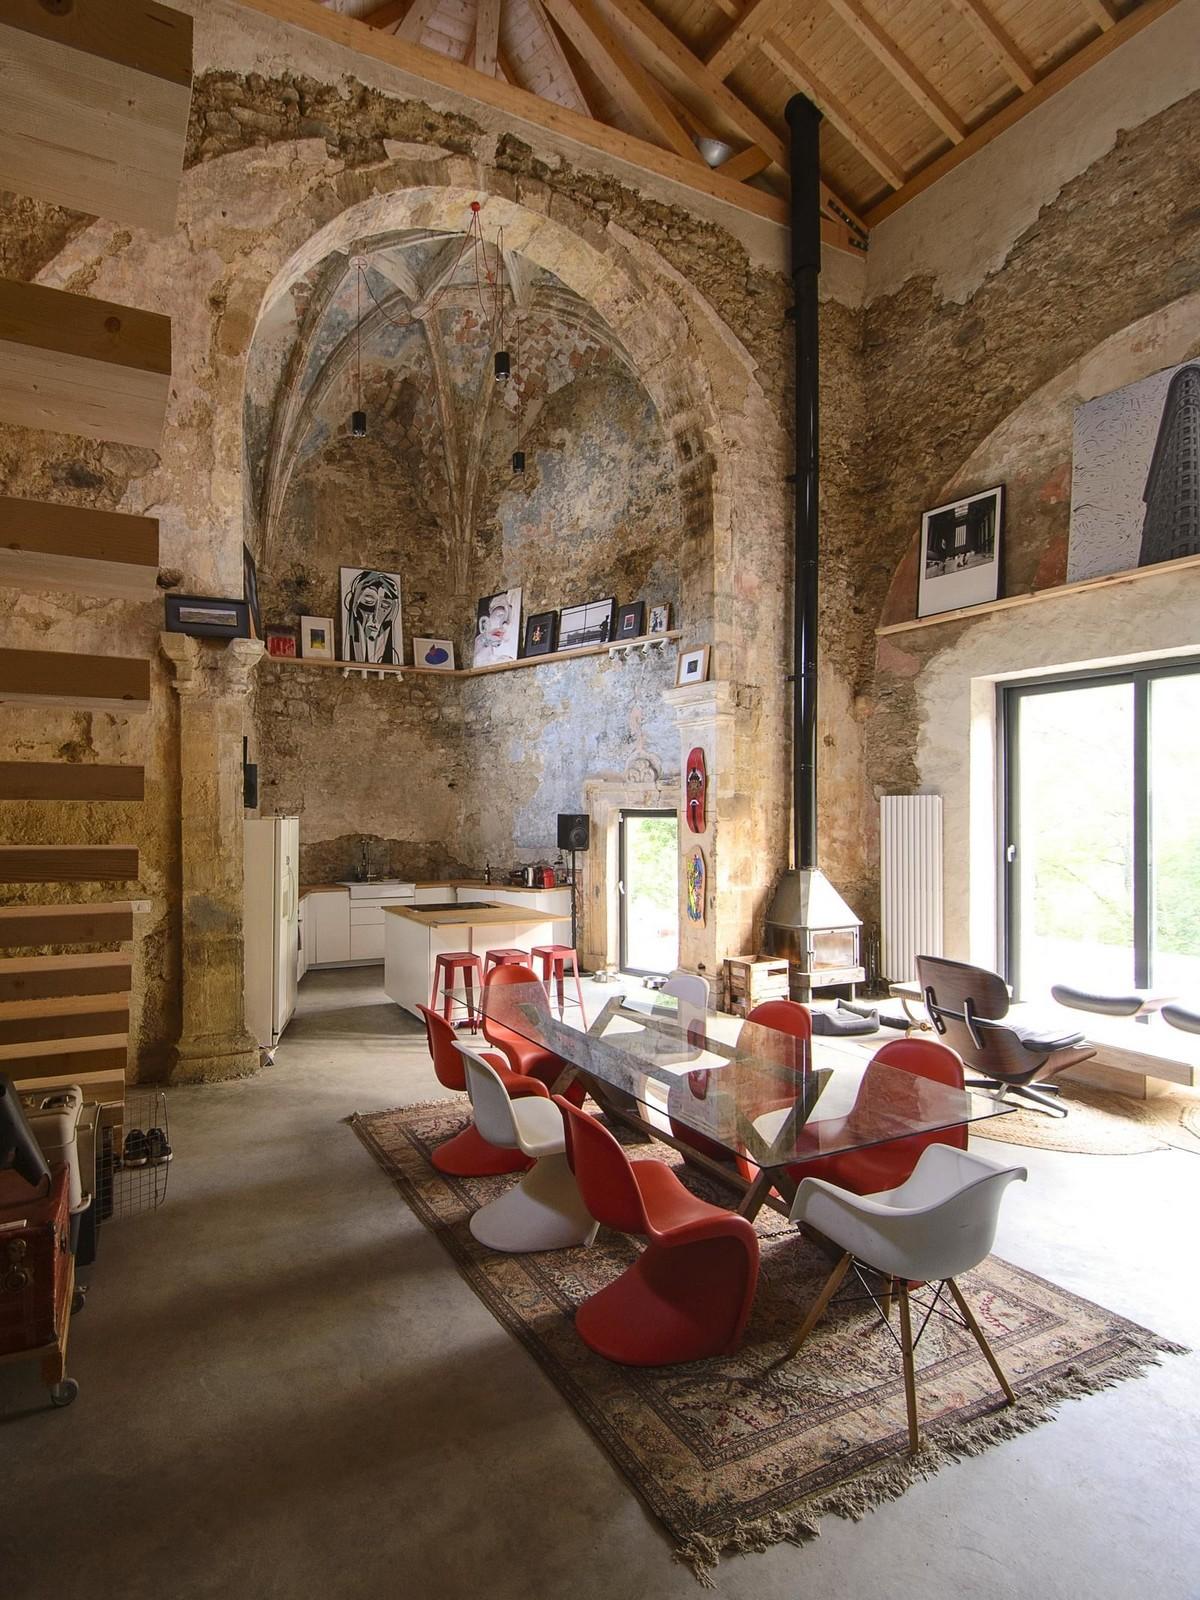 Жильё в здании заброшенной церкви эпохи Возрождения в Испании